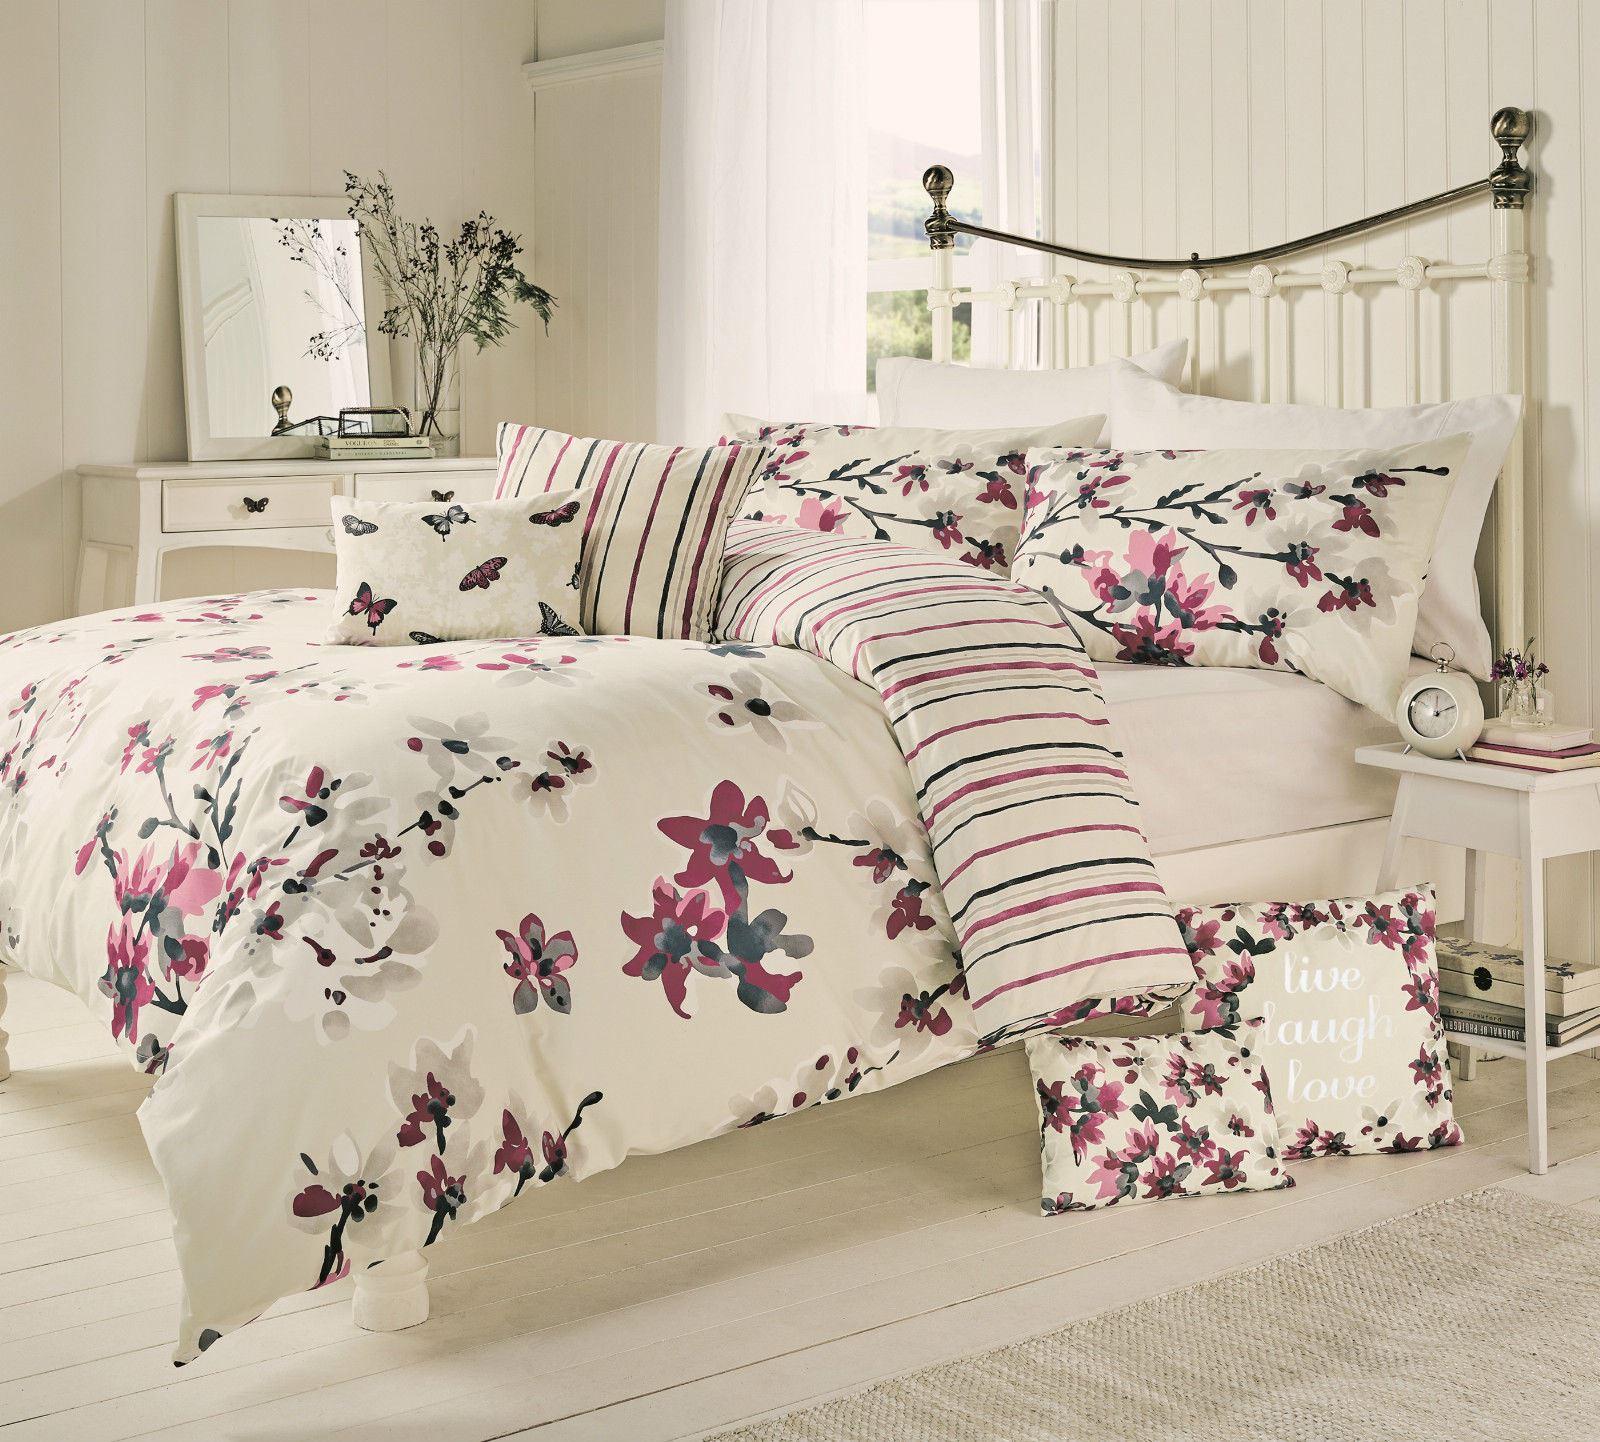 Sakura Floral Blossom Bedding Duvet Cover Mauve Cranberry